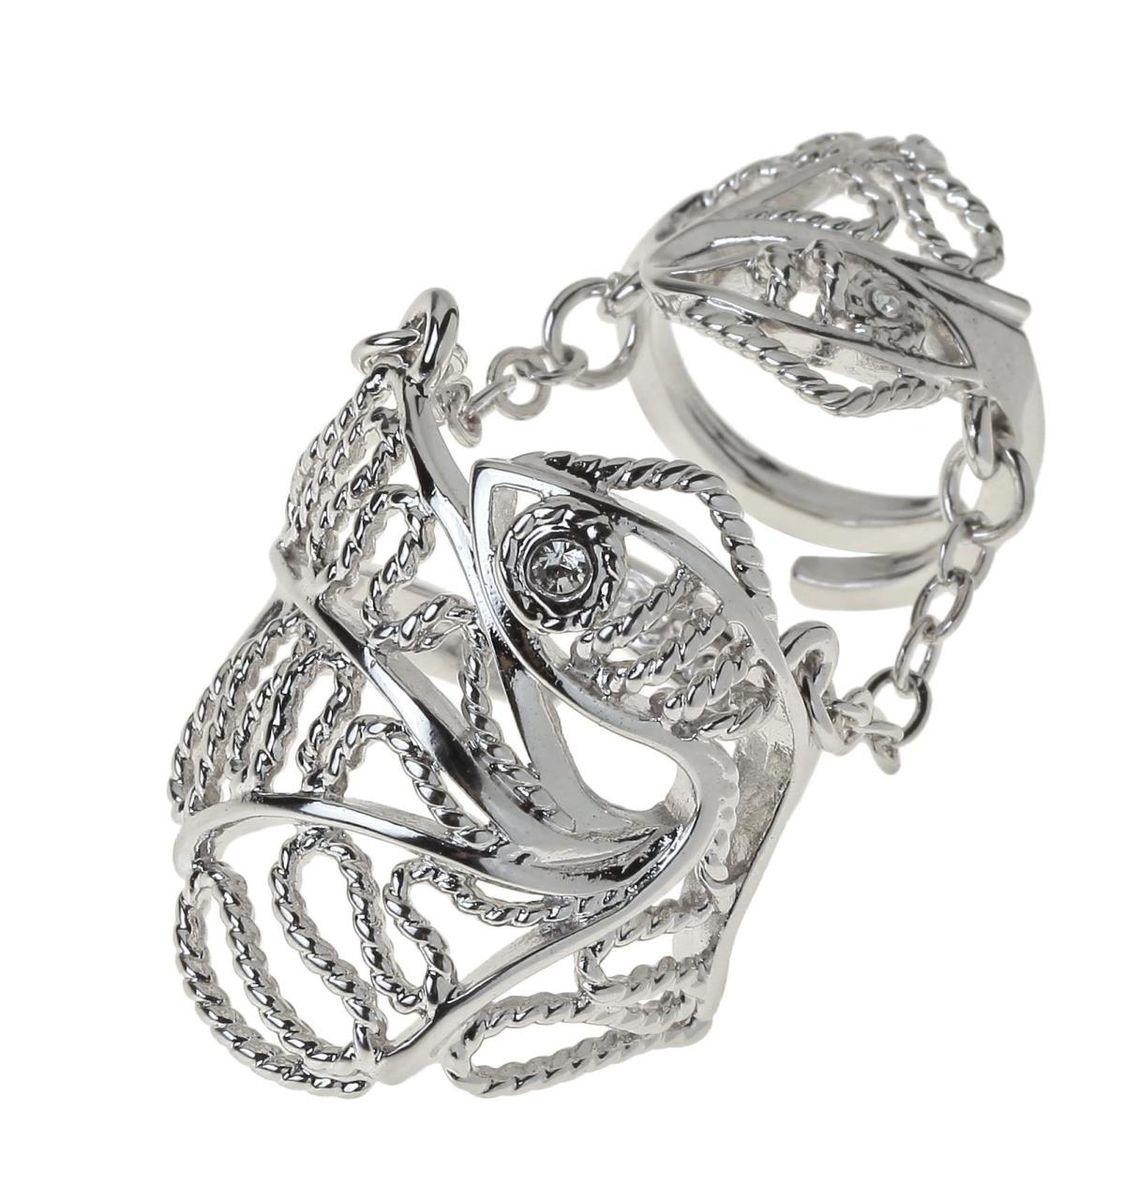 Кольцо Jenavi Вежер, цвет: серебряный, белый. r768f000Коктейльное кольцоСтильное кольцо Jenavi Вежер выполнено из ювелирного сплава и оформлено ажурными переплетениями в виде рыбки, глазик которой дополнен кристаллом Swarovski.Кольцо надевается на две фаланги и имеет универсальный размер.Оригинальное кольцо Jenavi превосходно дополнит ваш образ и подчеркнет отменное чувство стиля своей обладательницы.